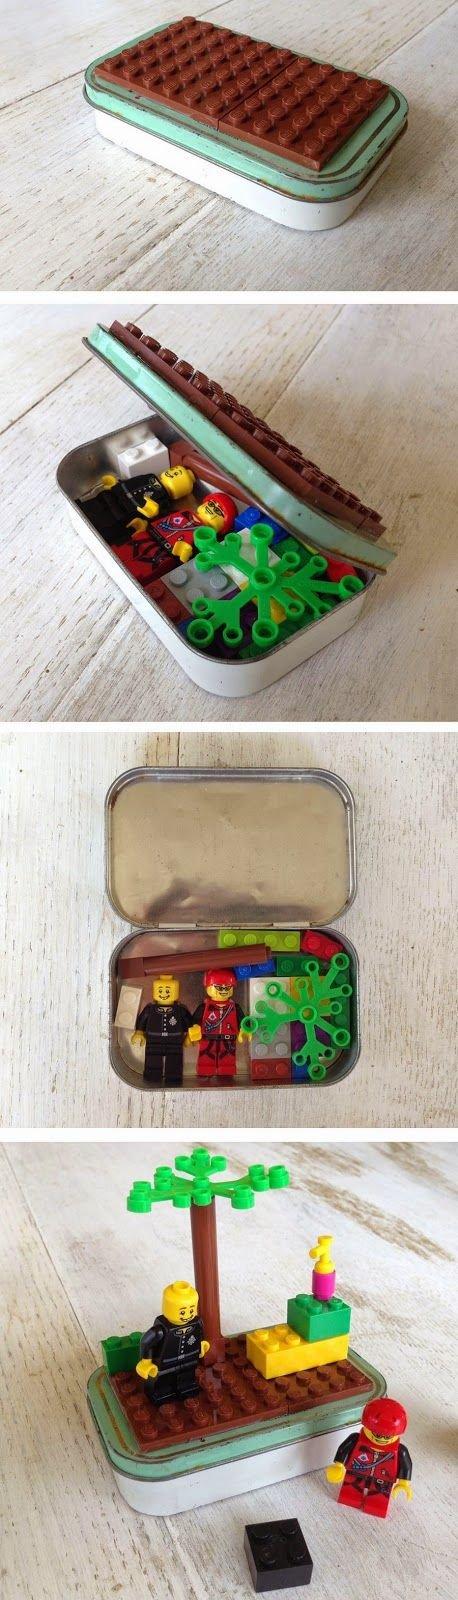 LEGO on the Go